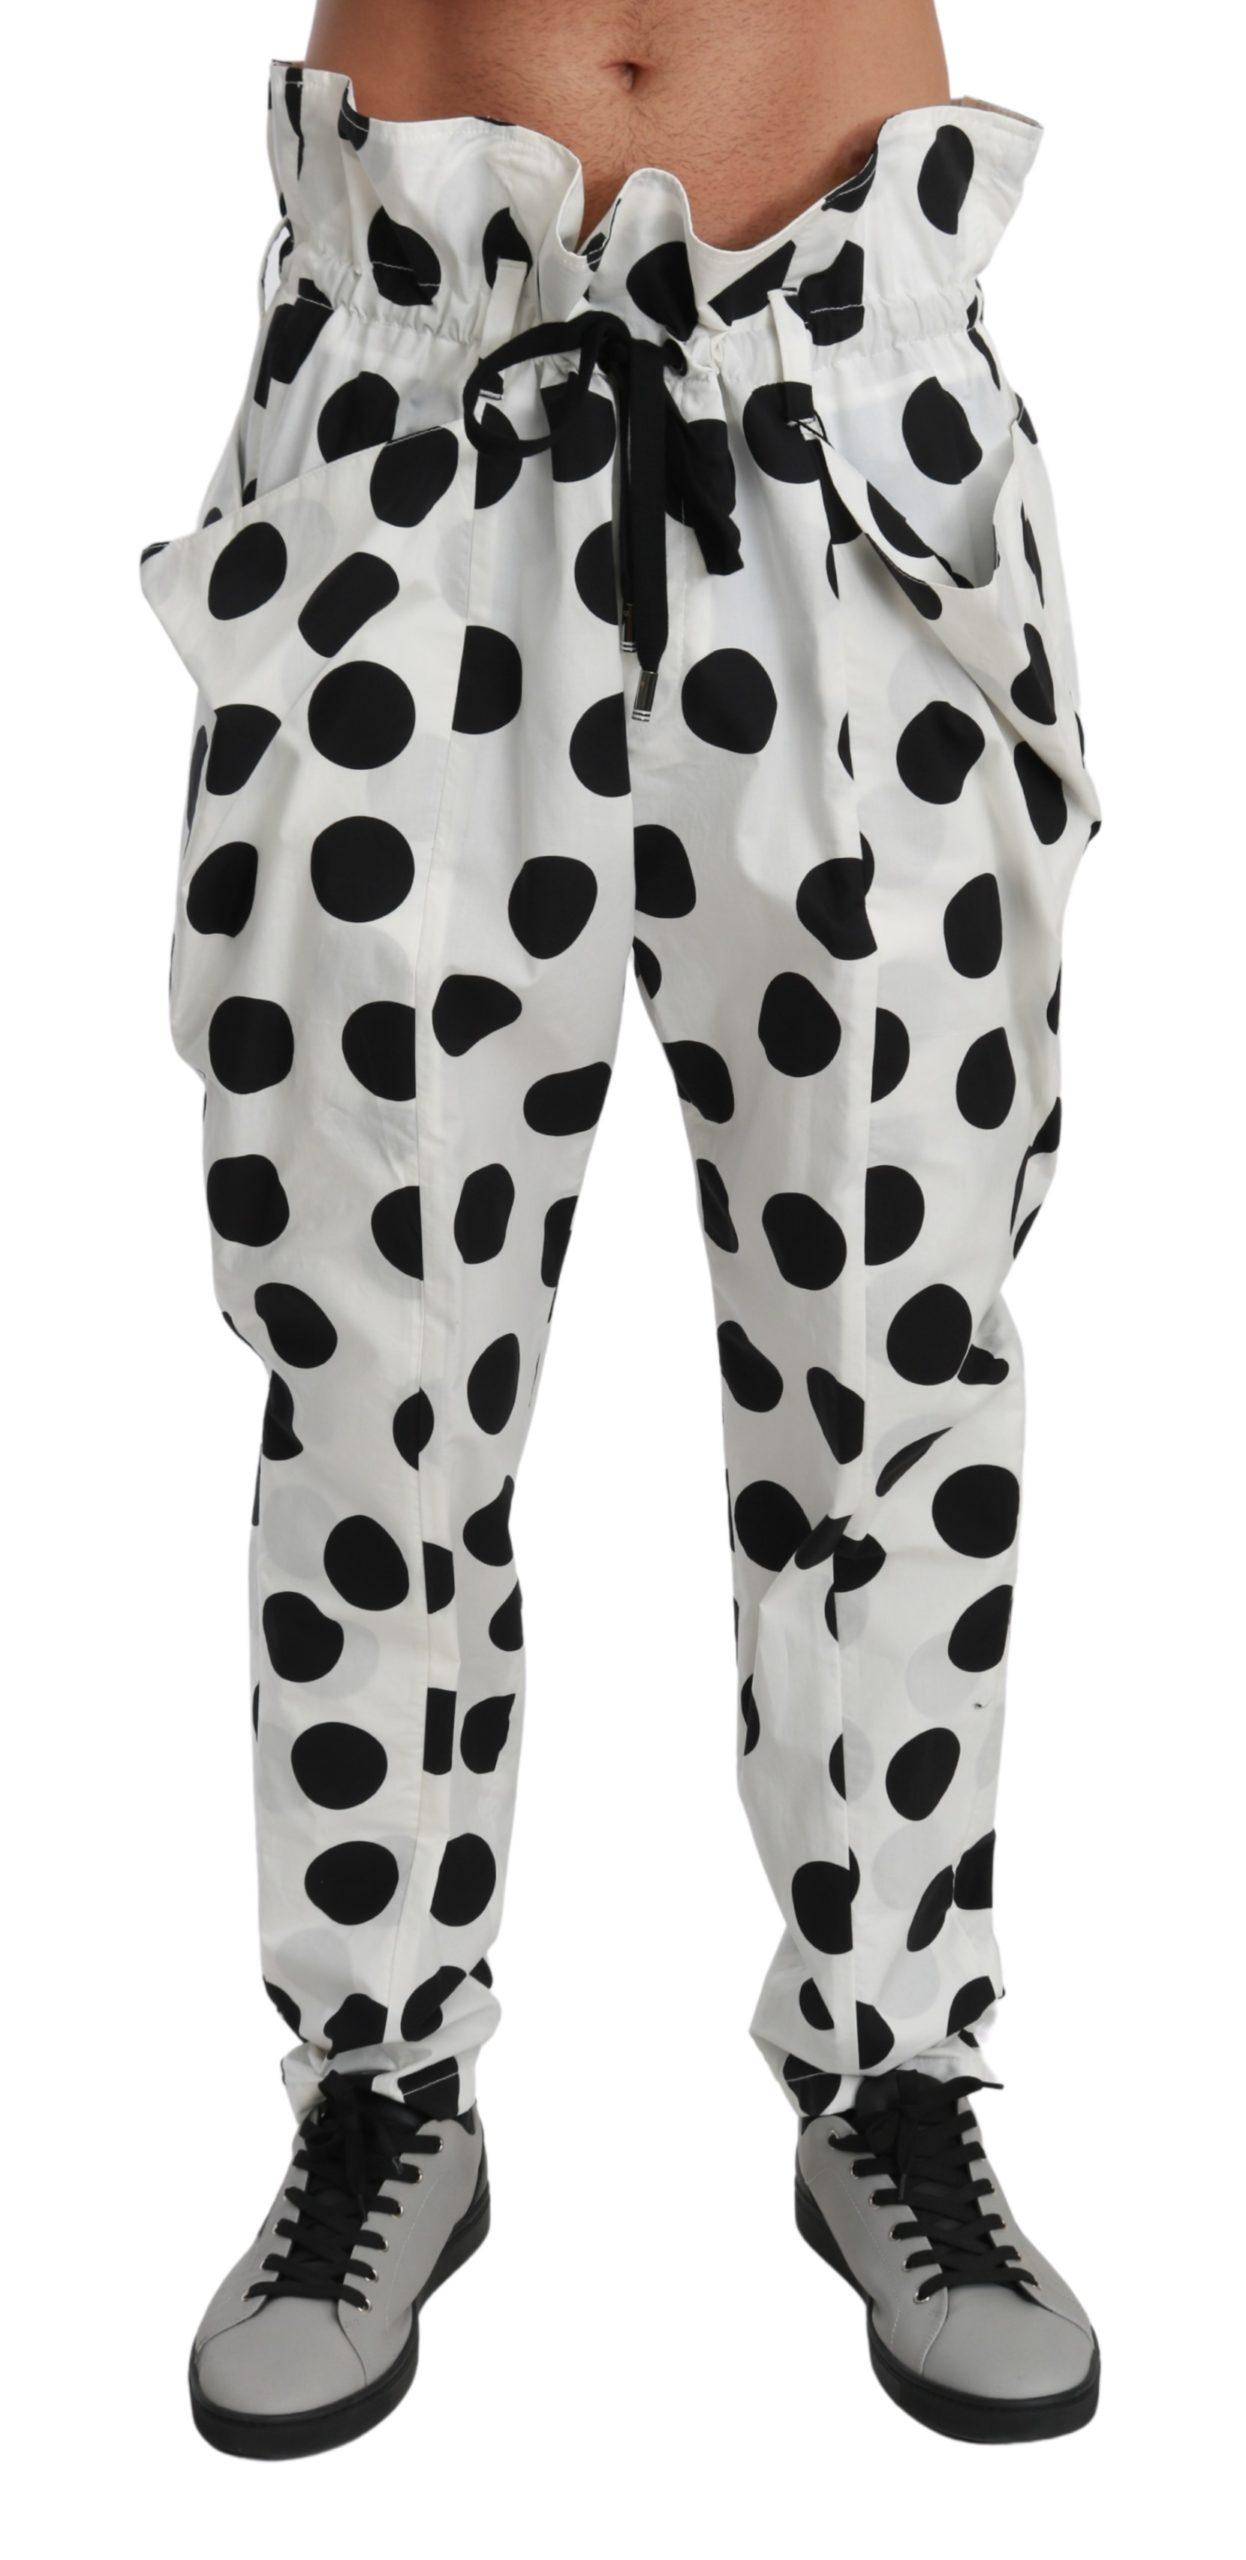 Dolce & Gabbana Men's Polka Dots Jodhpur Cotton Trouser White PAN71025 - IT48   M